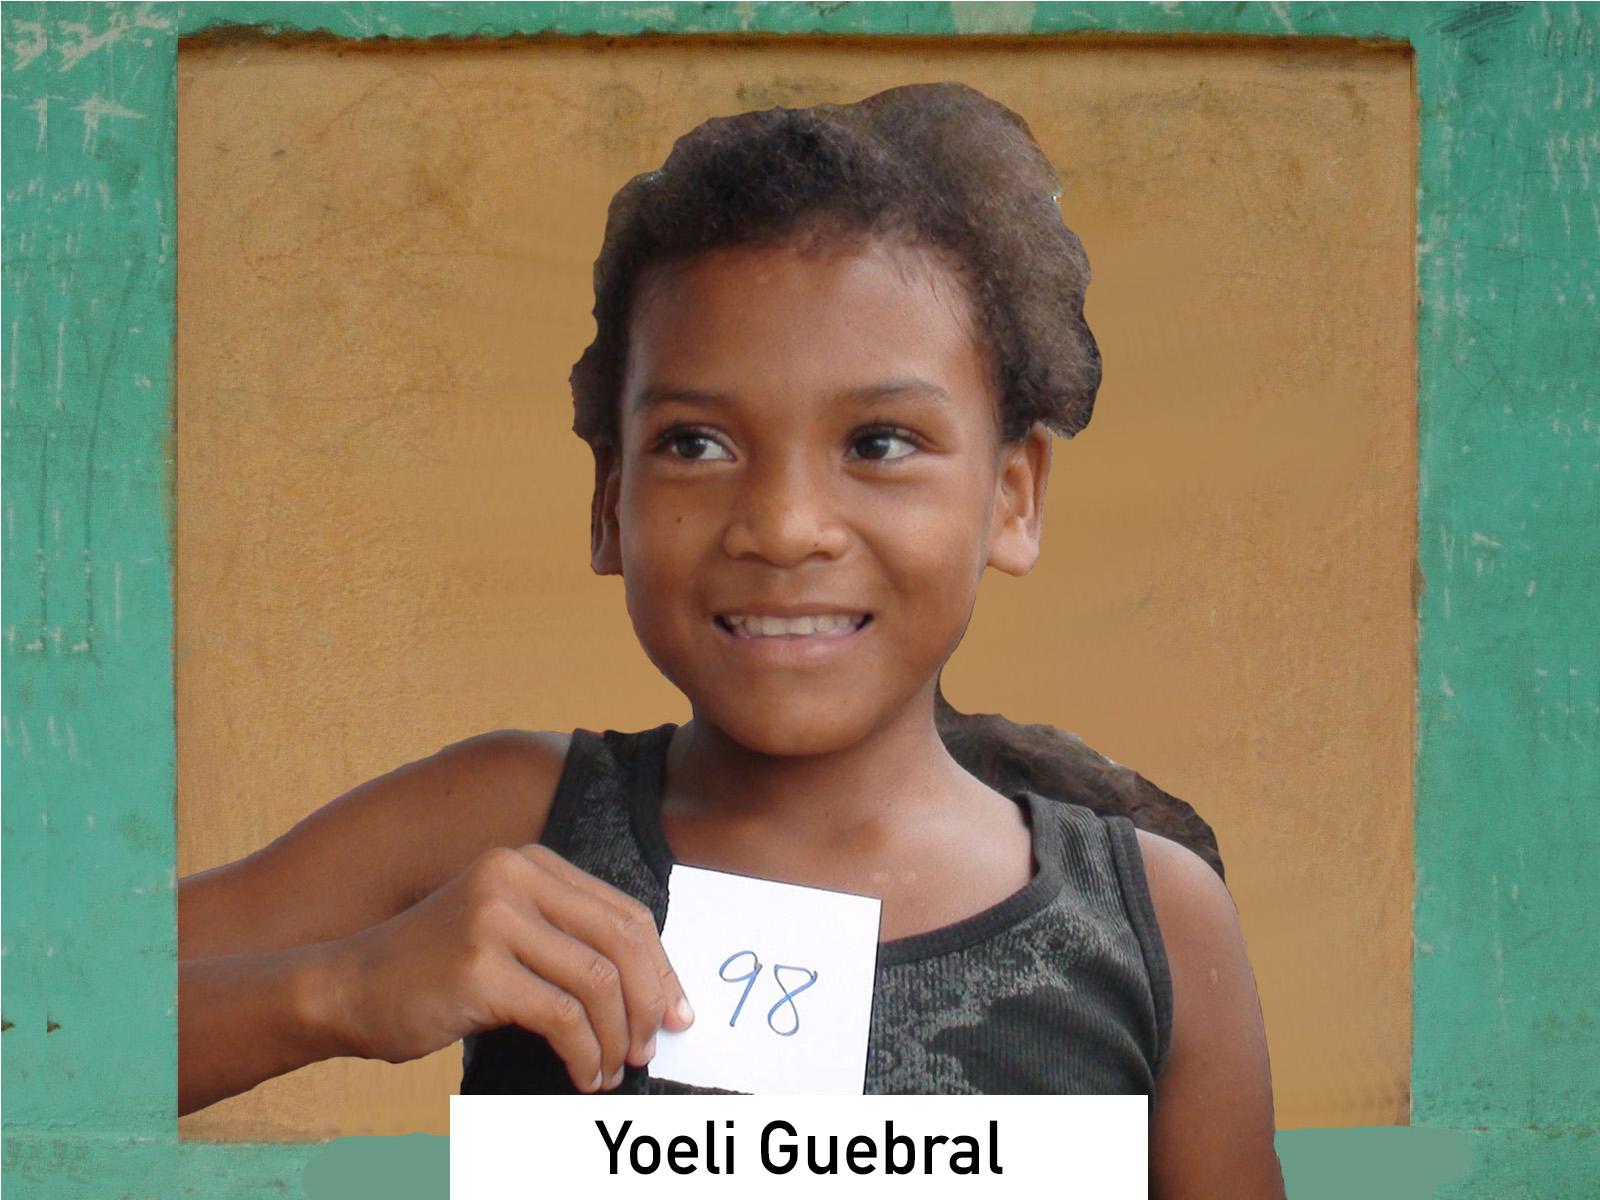 098 - Yoeli Guebral.jpg